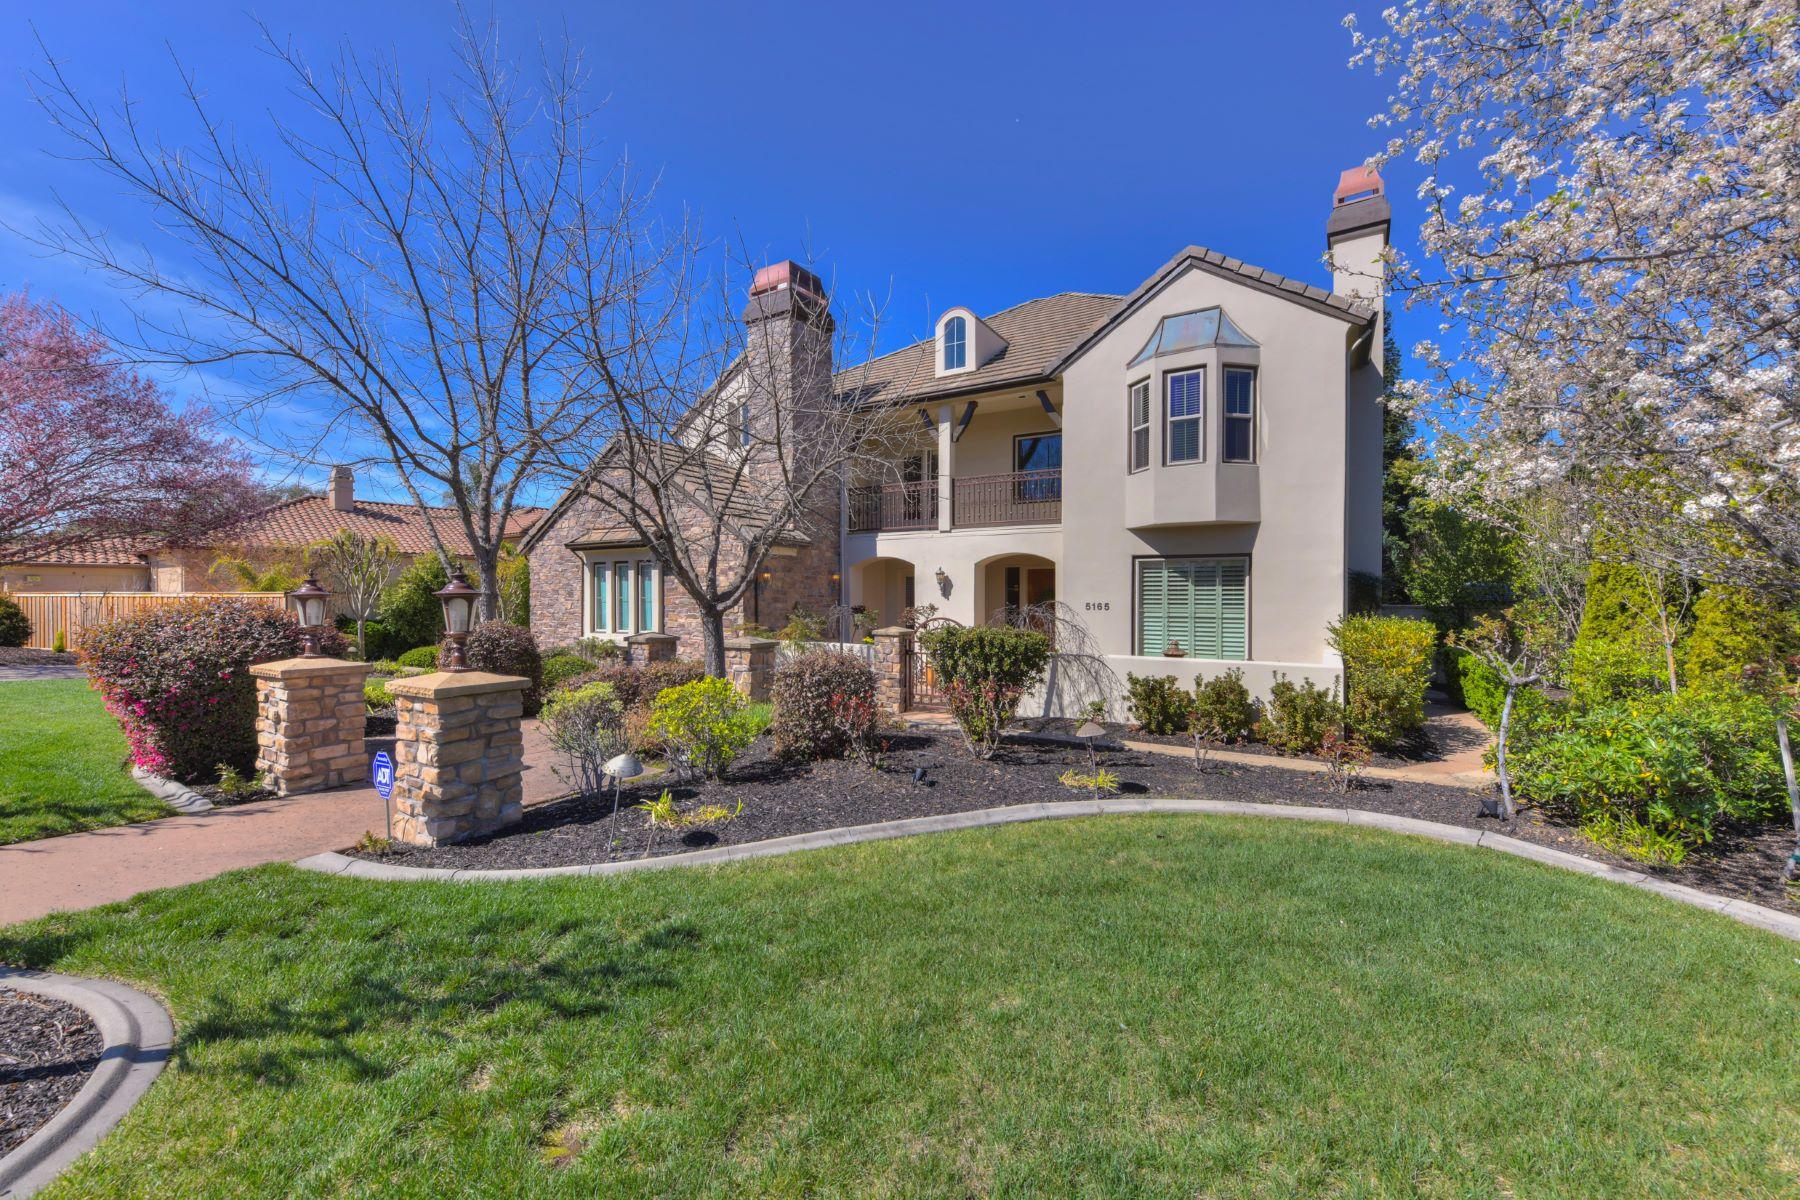 Maison unifamiliale pour l Vente à 5165 Stirling St, Granite Bay, CA 5165 Stirling St Granite Bay, Californie 95746 États-Unis